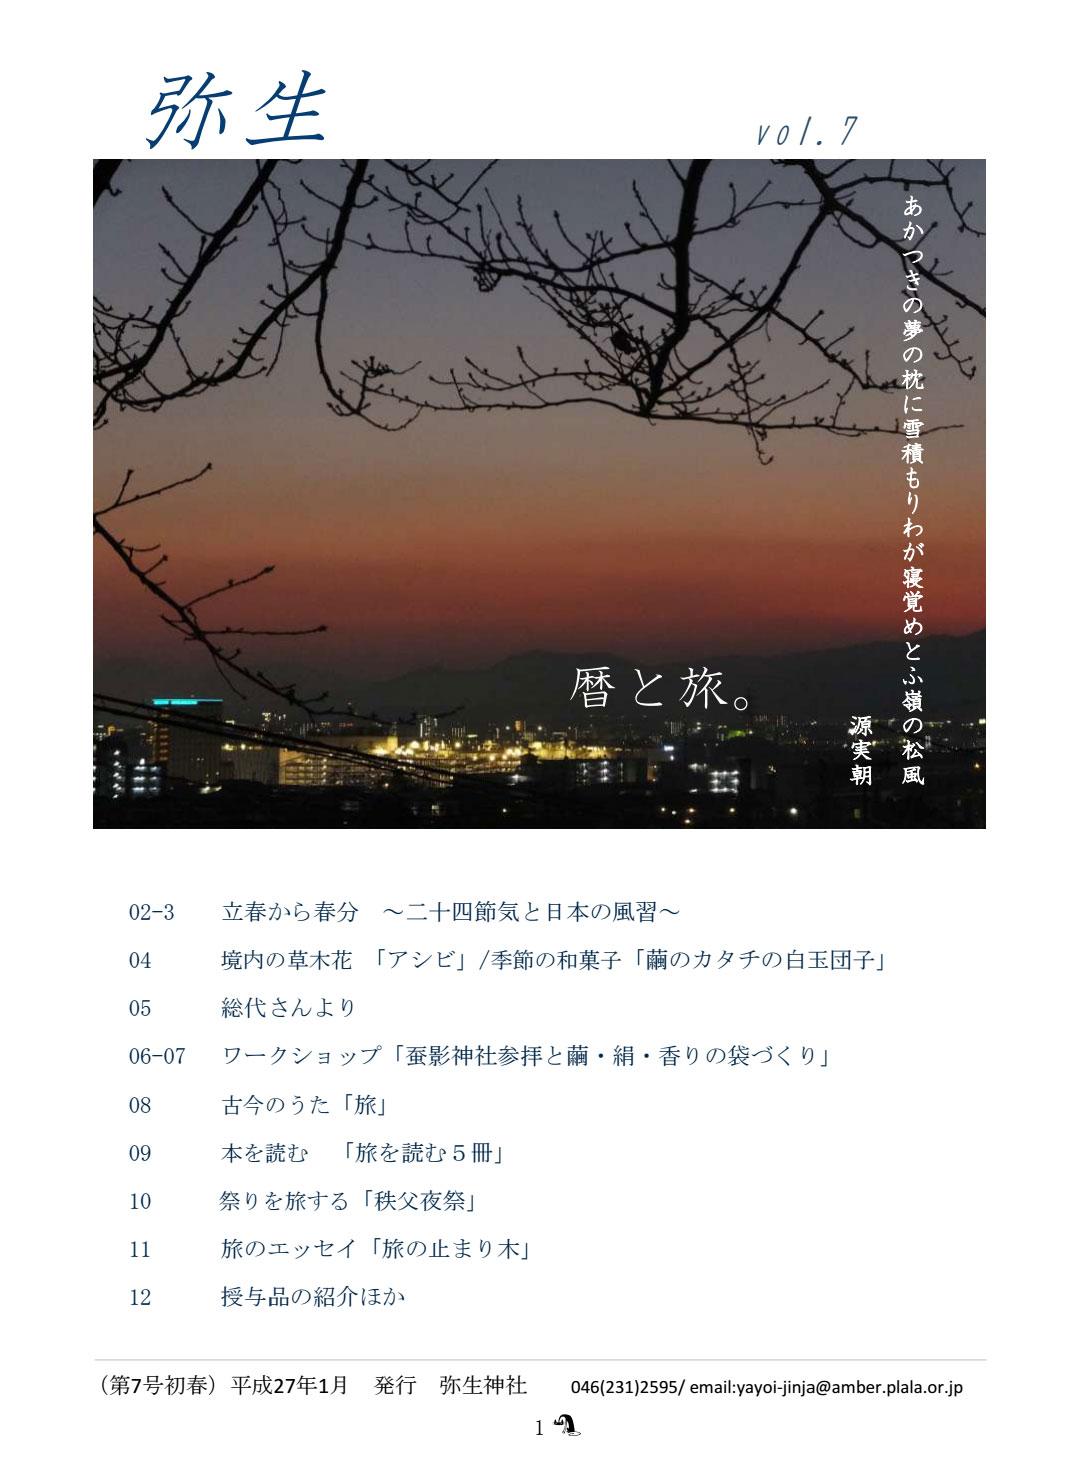 社報「弥生」vol.7